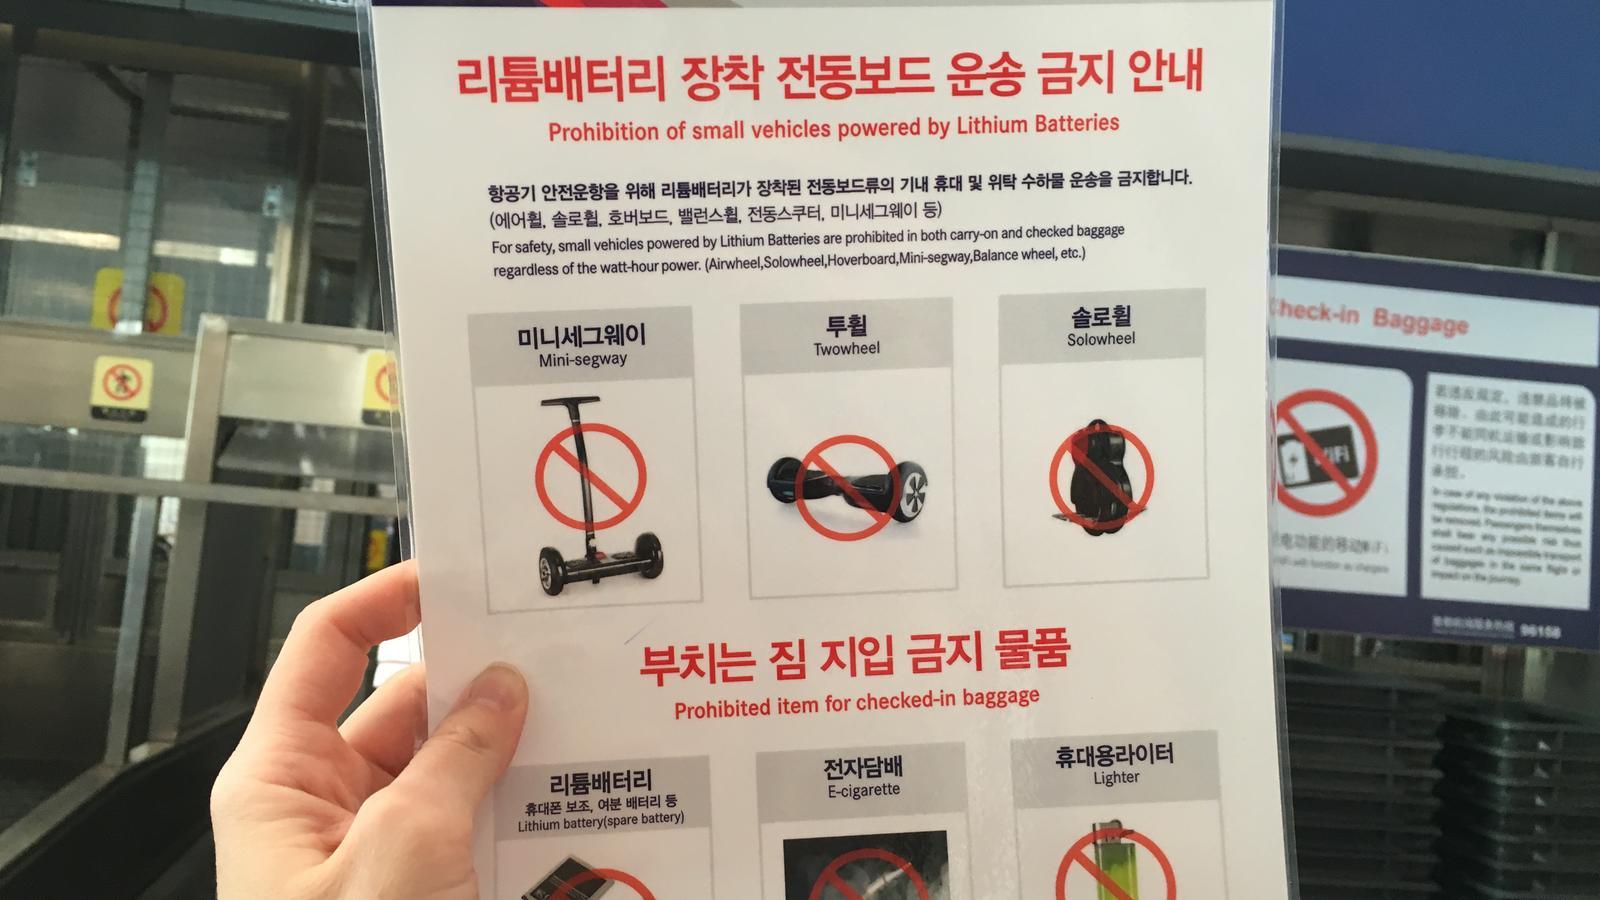 国外游客感叹,想从中国带台扭扭车回家装逼都不行。-唯轮网